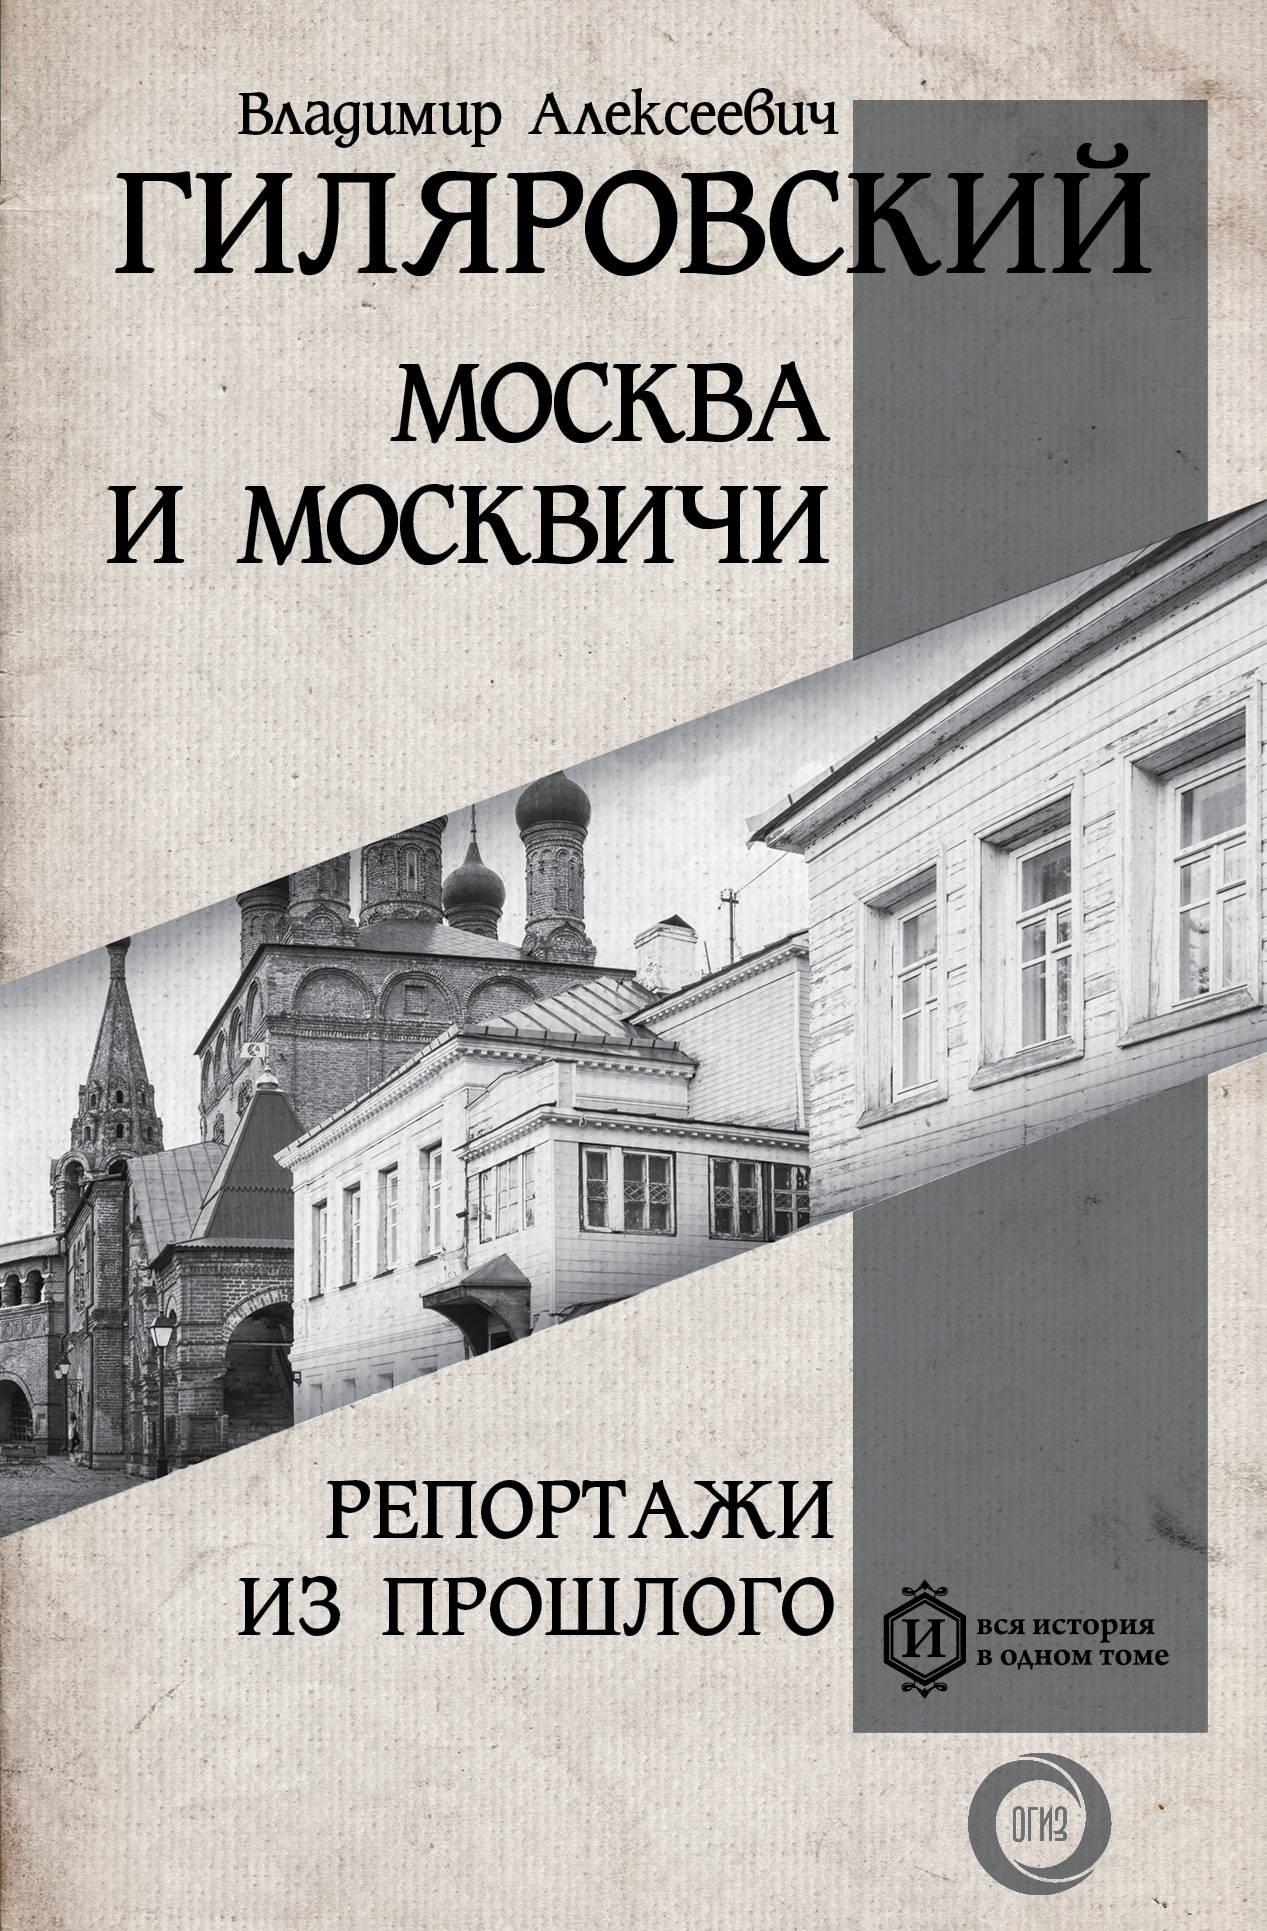 Москва и Москвичи. Репортажи из прошлого, Гиляровский Владимир Алексеевич